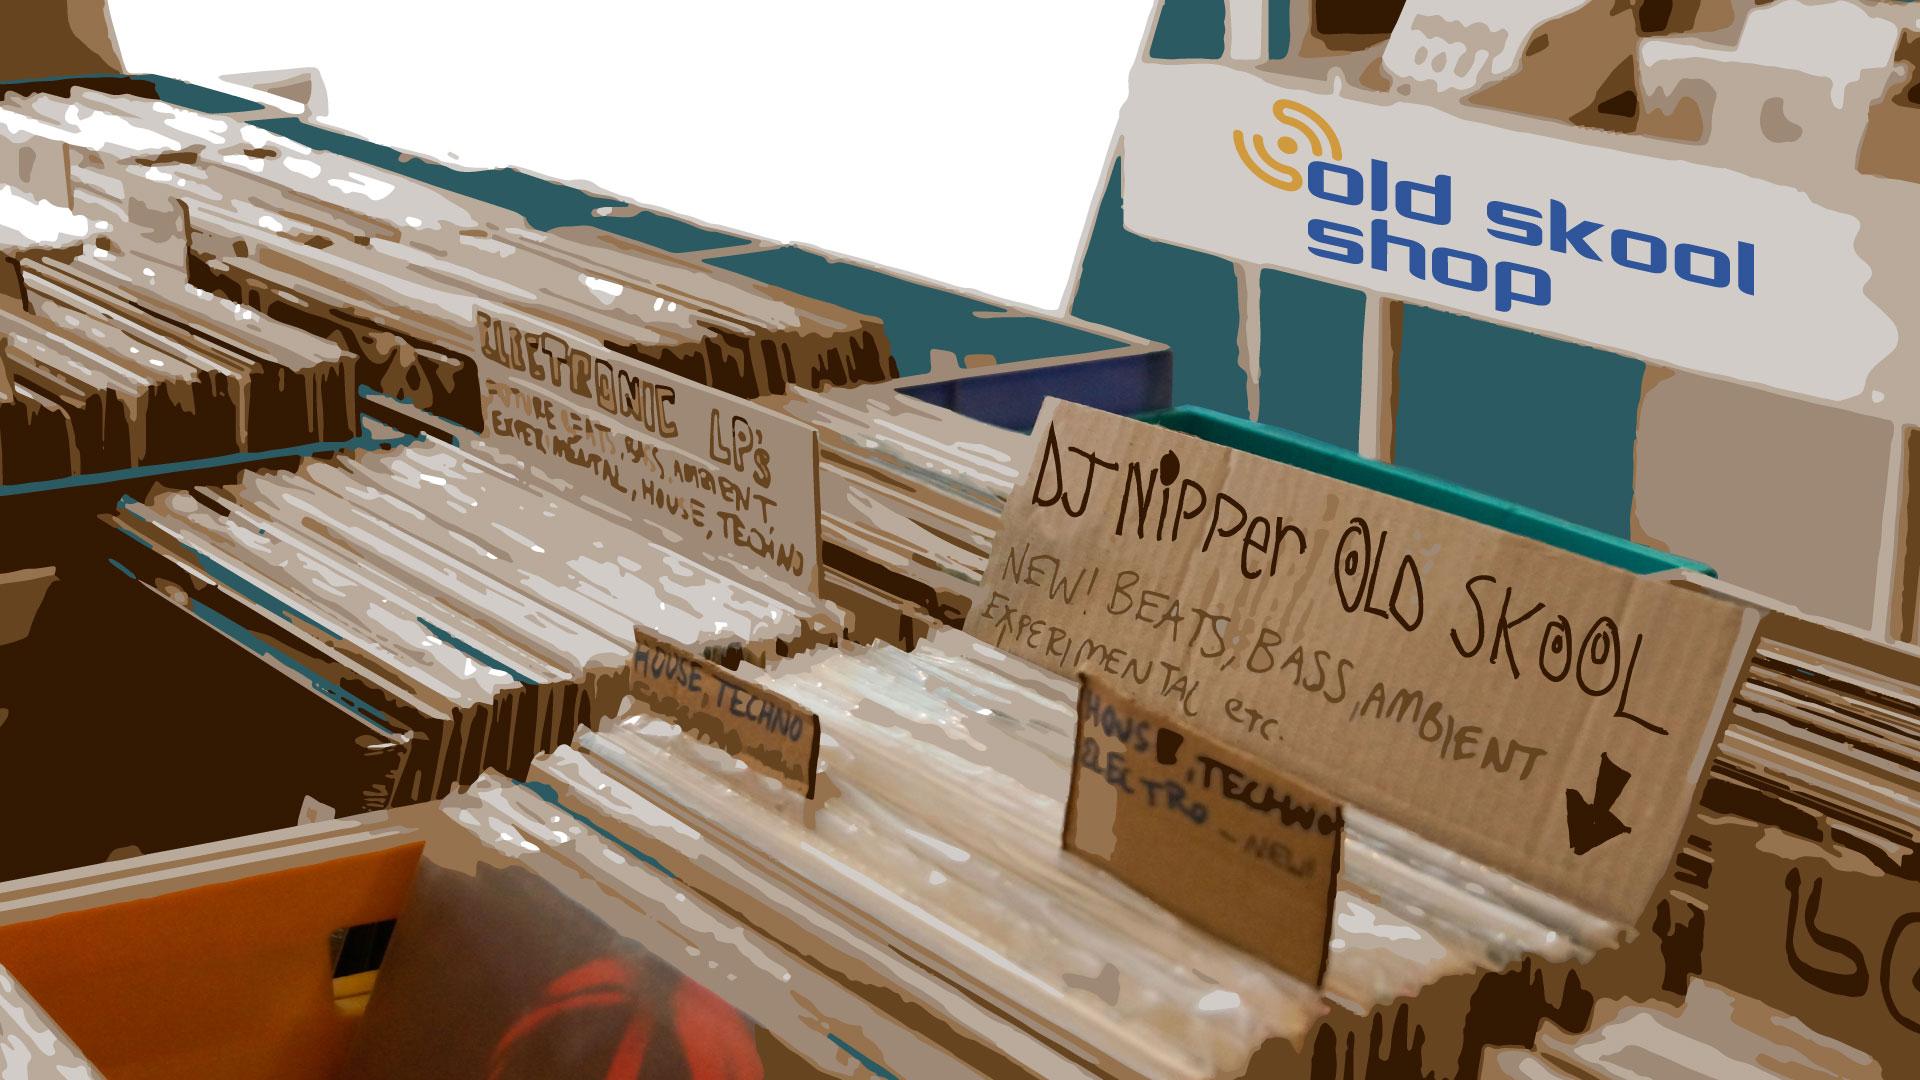 OS Vinyl Shop